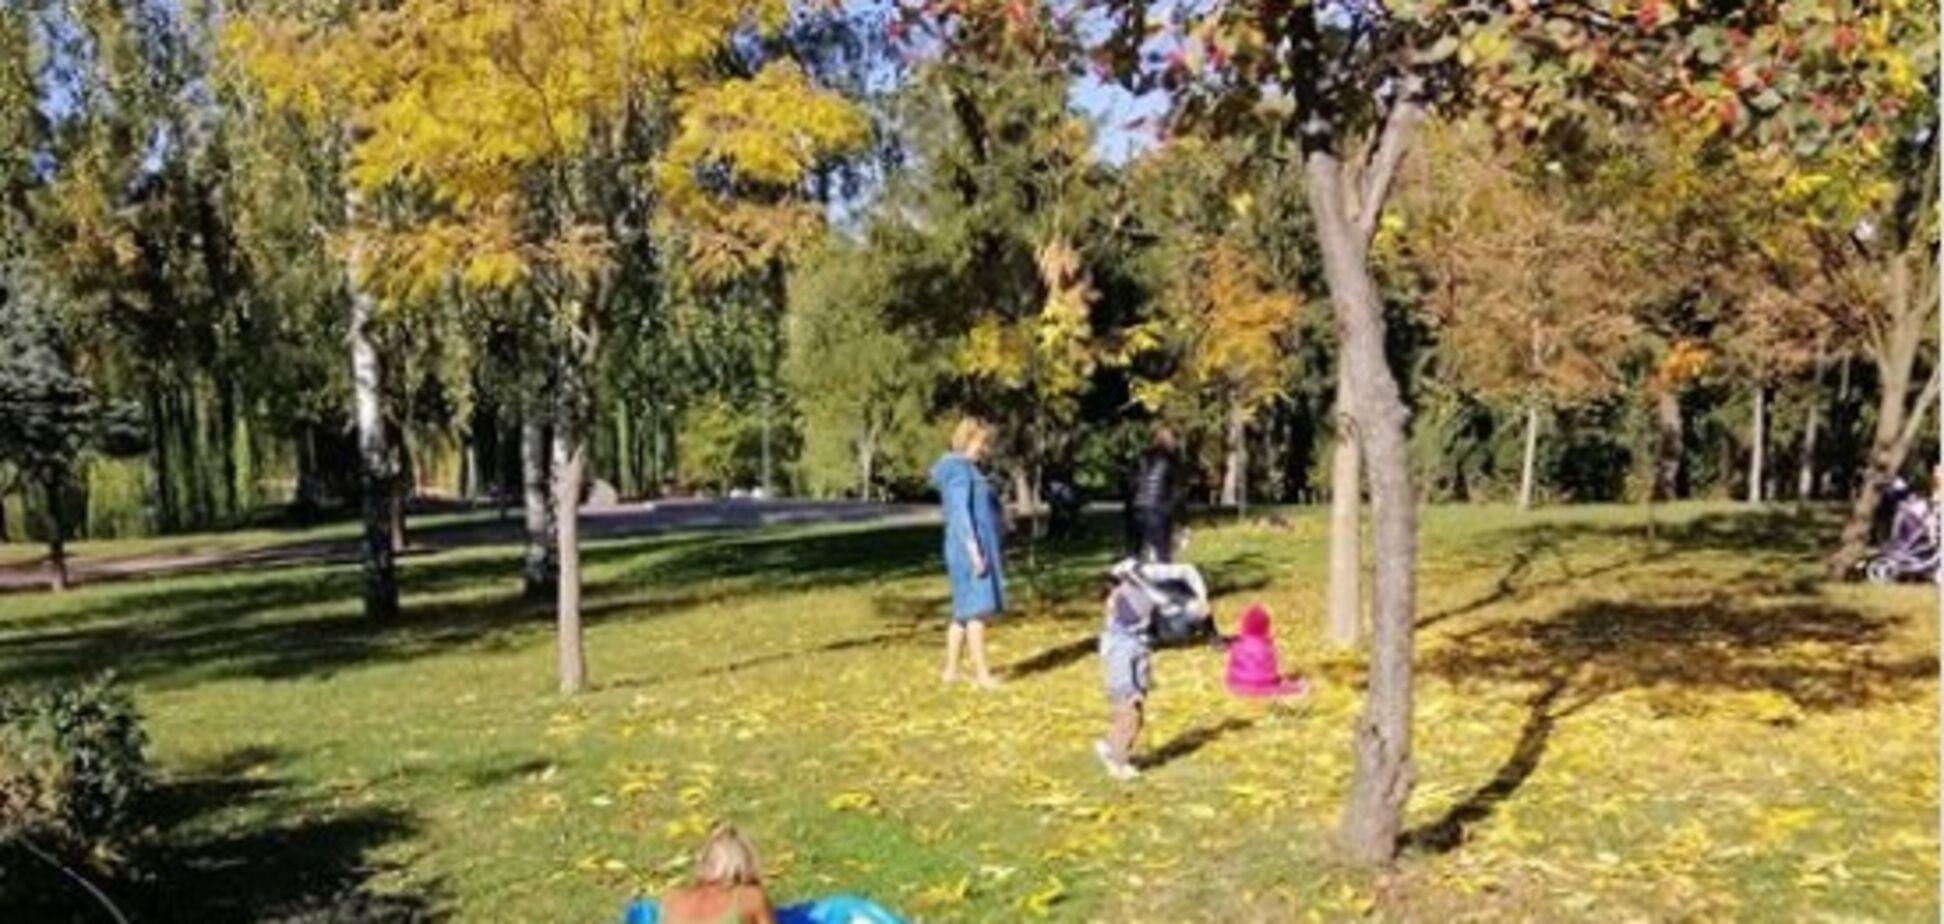 ''Зате не згорить'': у Києві помітили жінку в купальнику